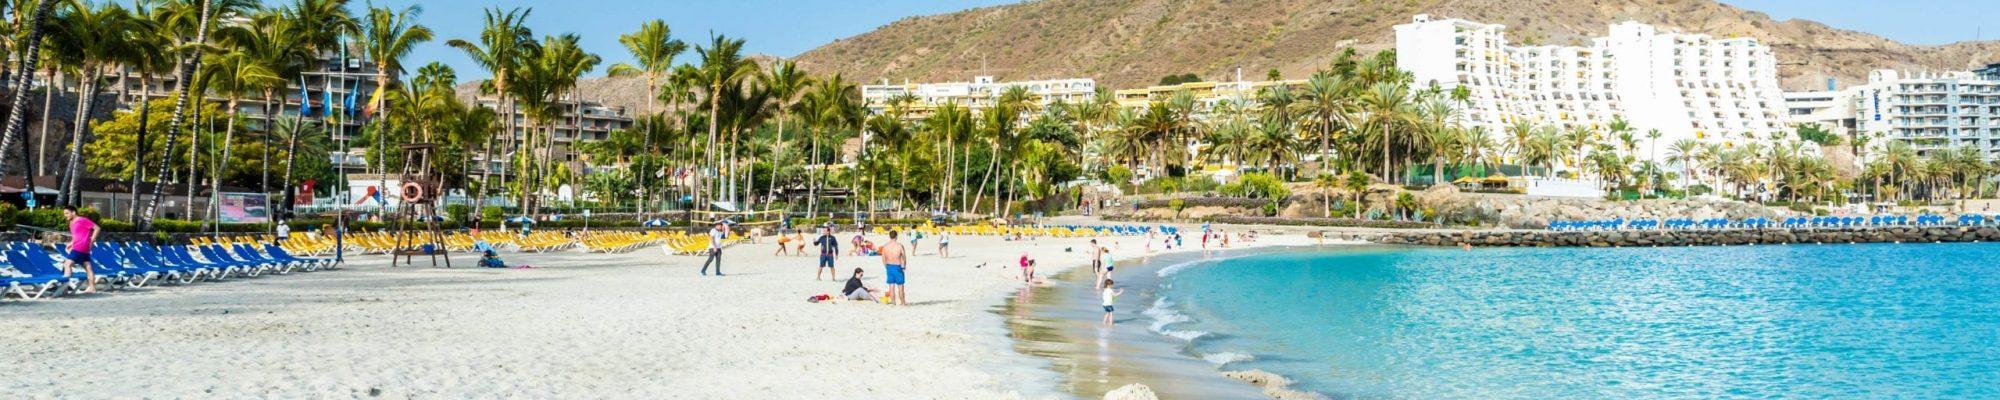 White Anfi beach on island Gran Canaria, Spain